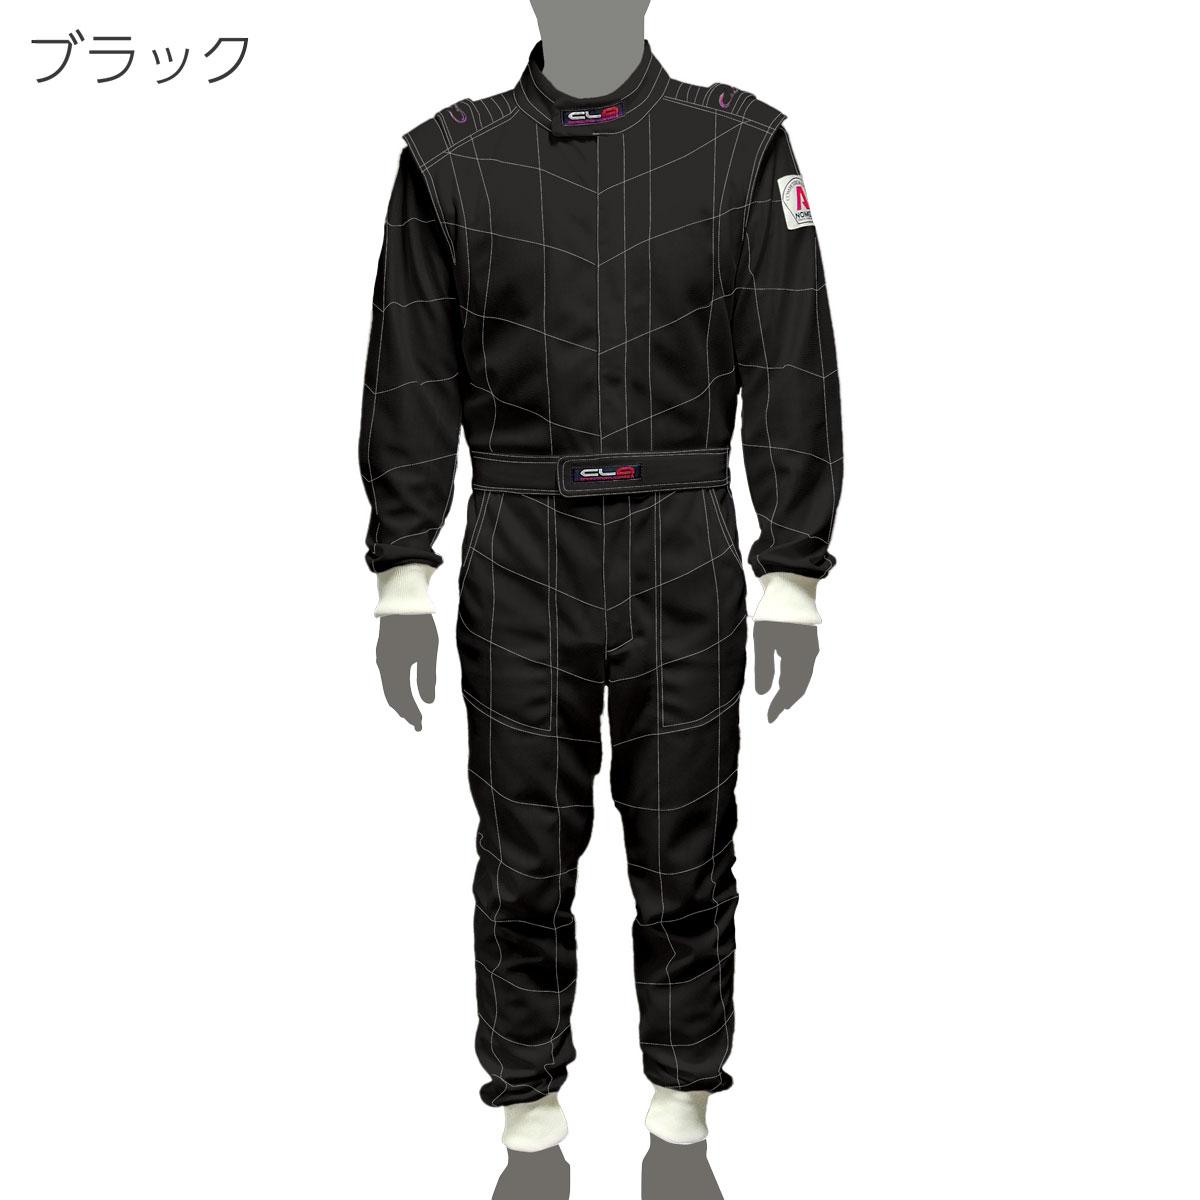 夏におススメ[オーダー]RS-COOL 1レイヤー レーシングスーツ【ノーメックス】